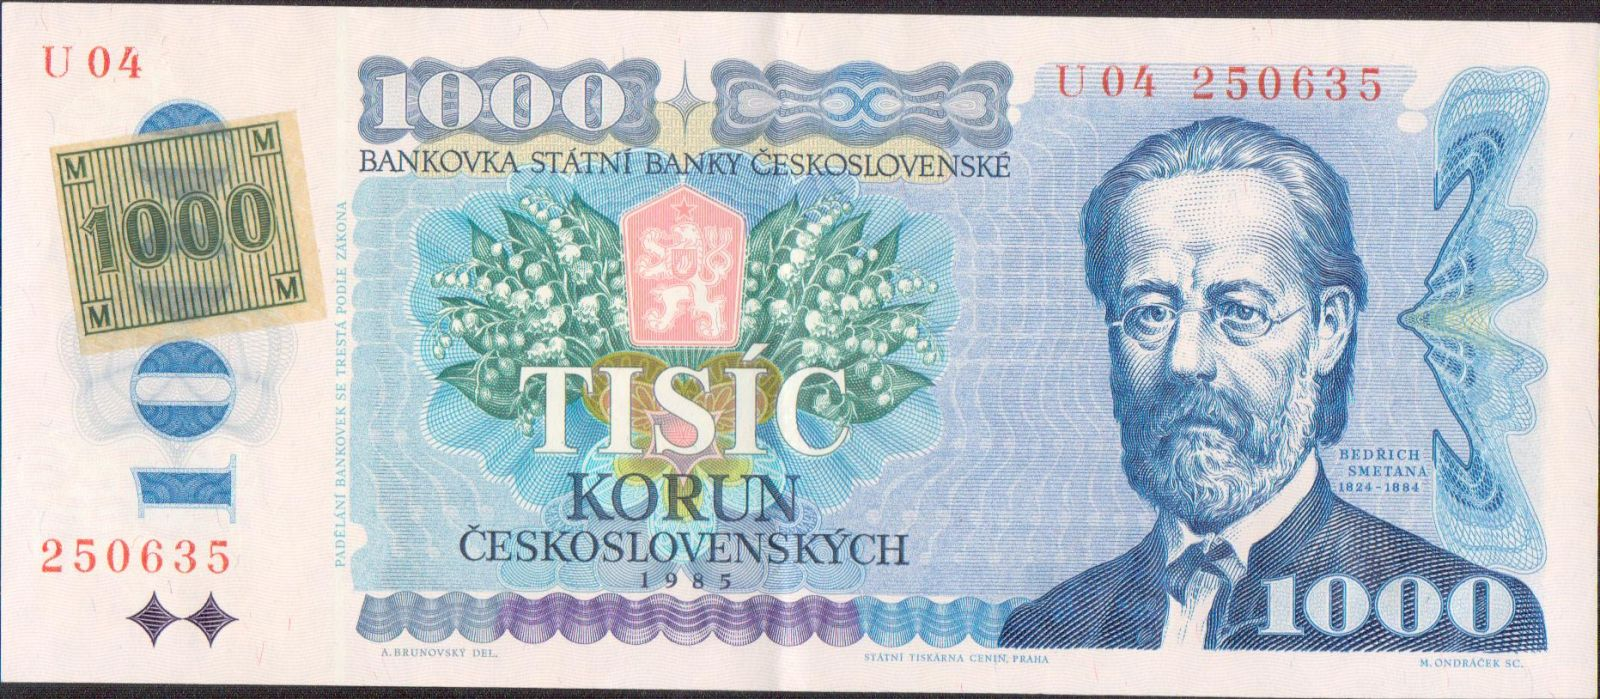 1000Kč/1985-93/, stav 1+, lepený kolek ČR 1993, série U 04